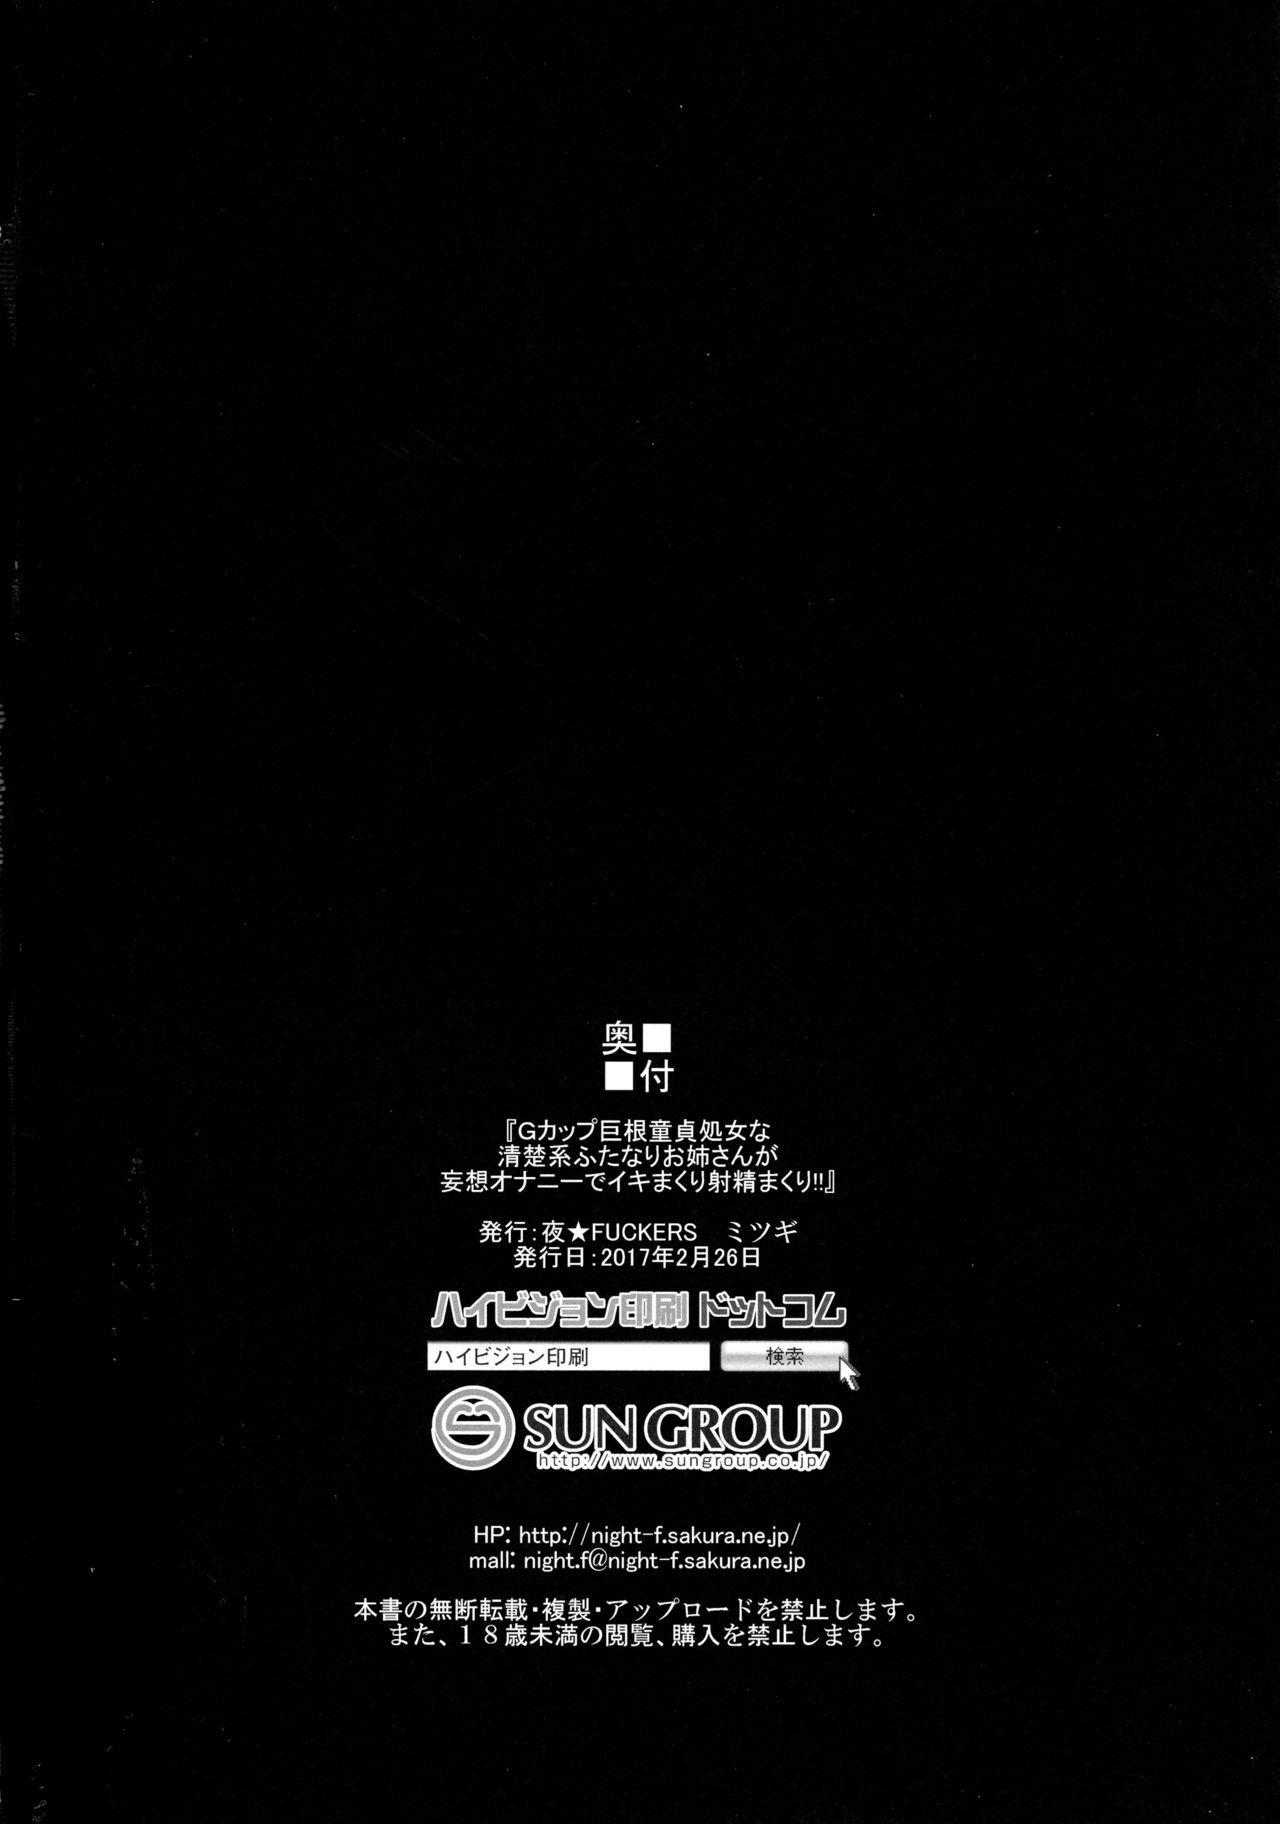 (SC2017 Winter) [Night FUCKERS (Mitsugi)] G-cup Kyokon Doutei Shojo na Seiso-kei Futanari Onee-san ga Mousou Onanie de Ikimakuri Shasei Shimakuri!! [English] 28